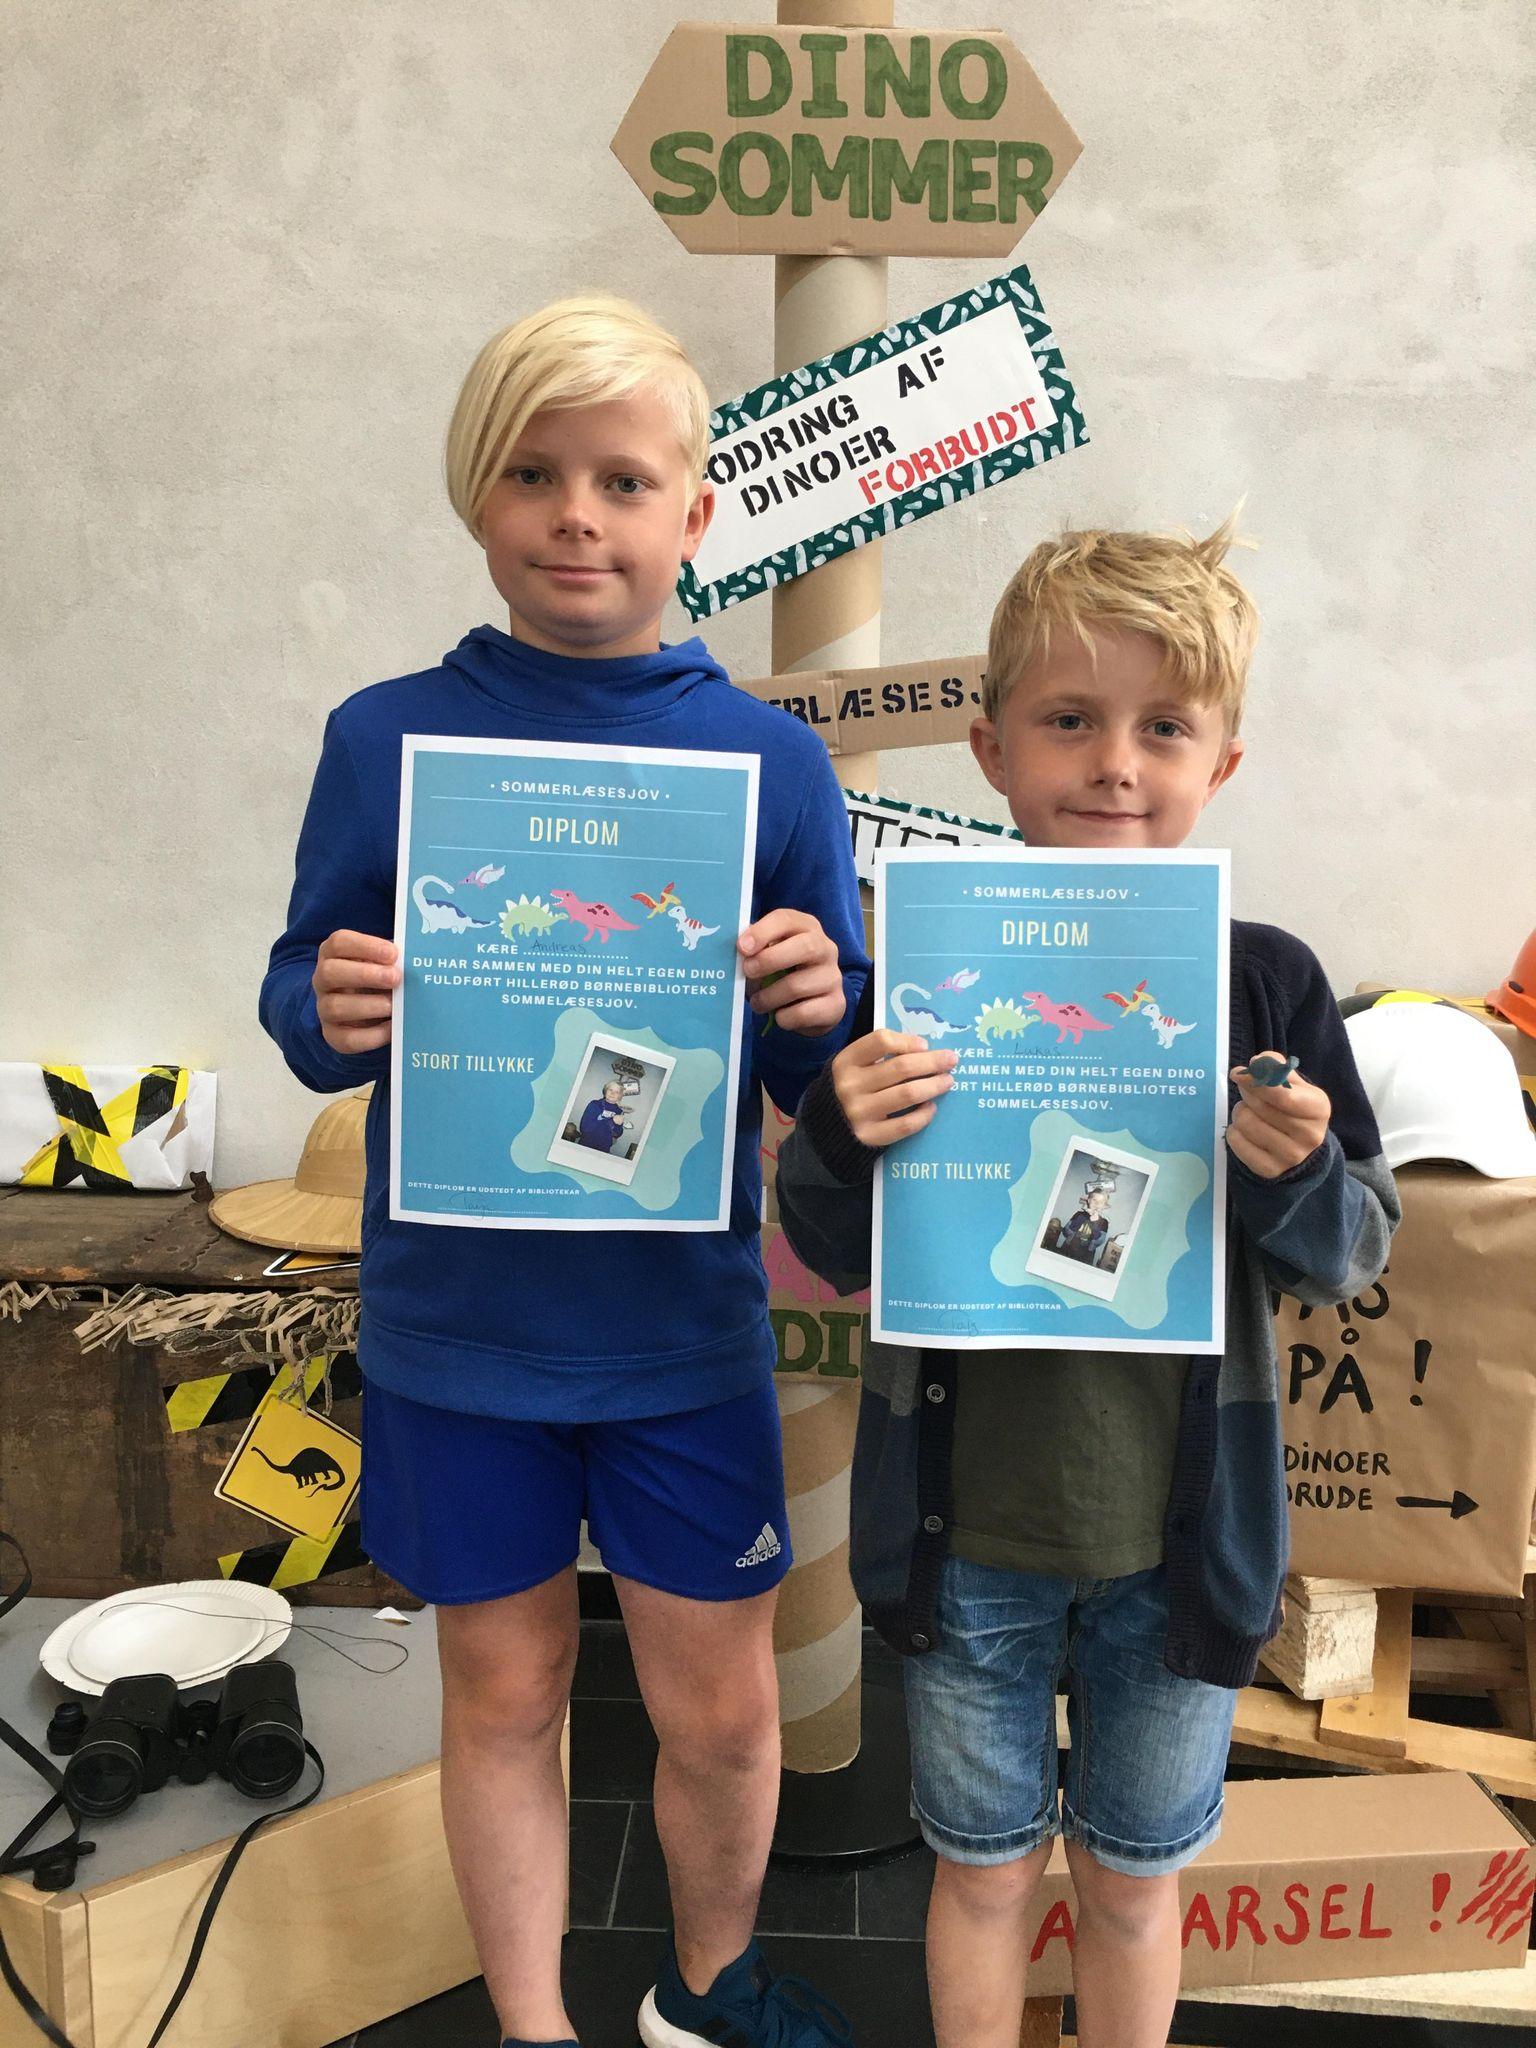 Brødrene Andreas og Lukas med deres diplomer.